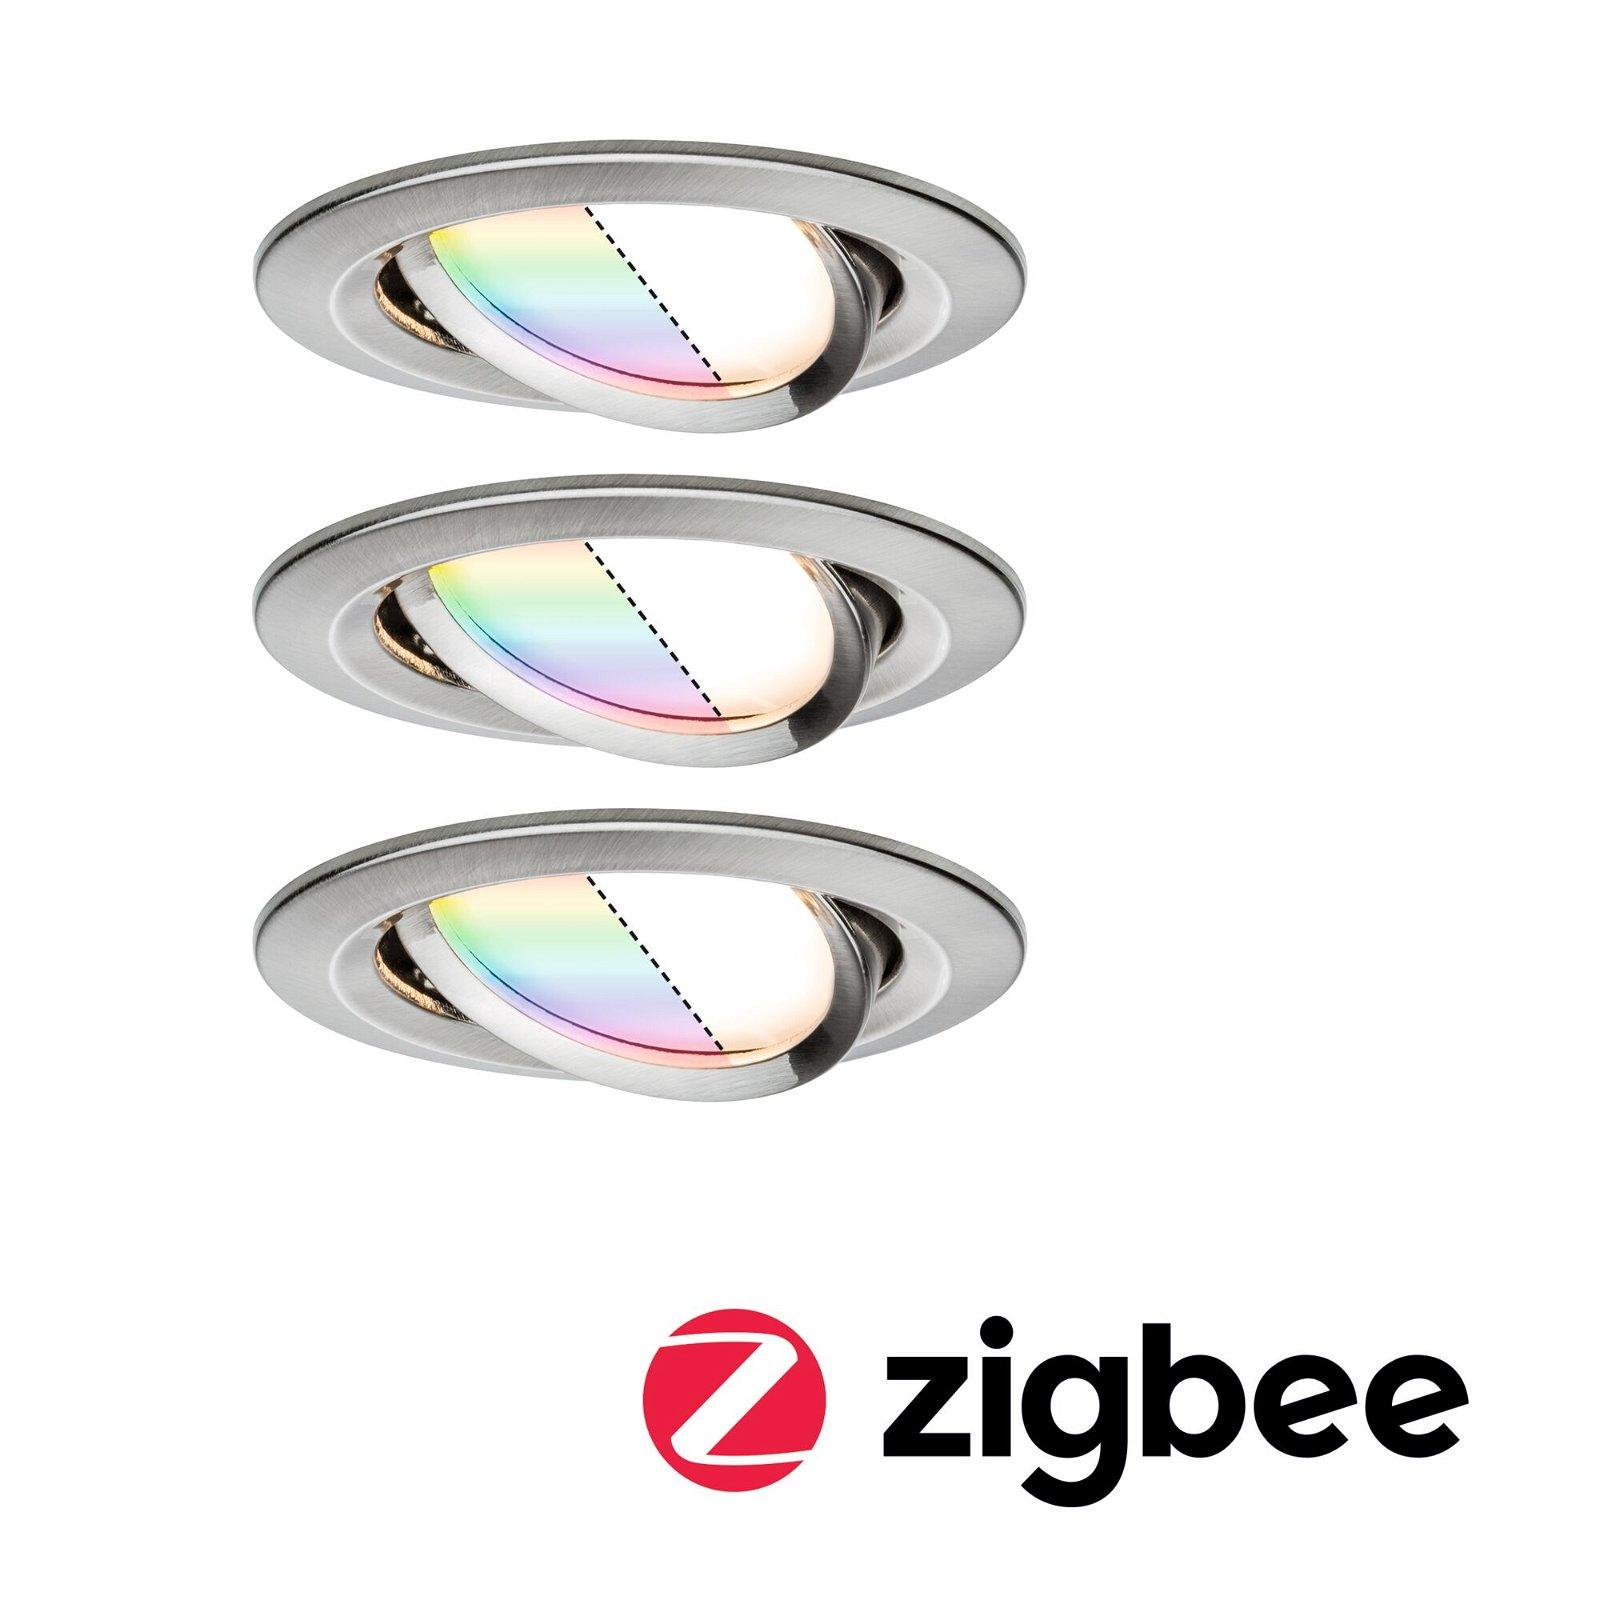 LED Einbauleuchte Smart Home Zigbee Nova Plus Coin Basisset schwenkbar rund 84mm 50° Coin 3x2,5W 3x85lm 230V RGBW Eisen gebürstet